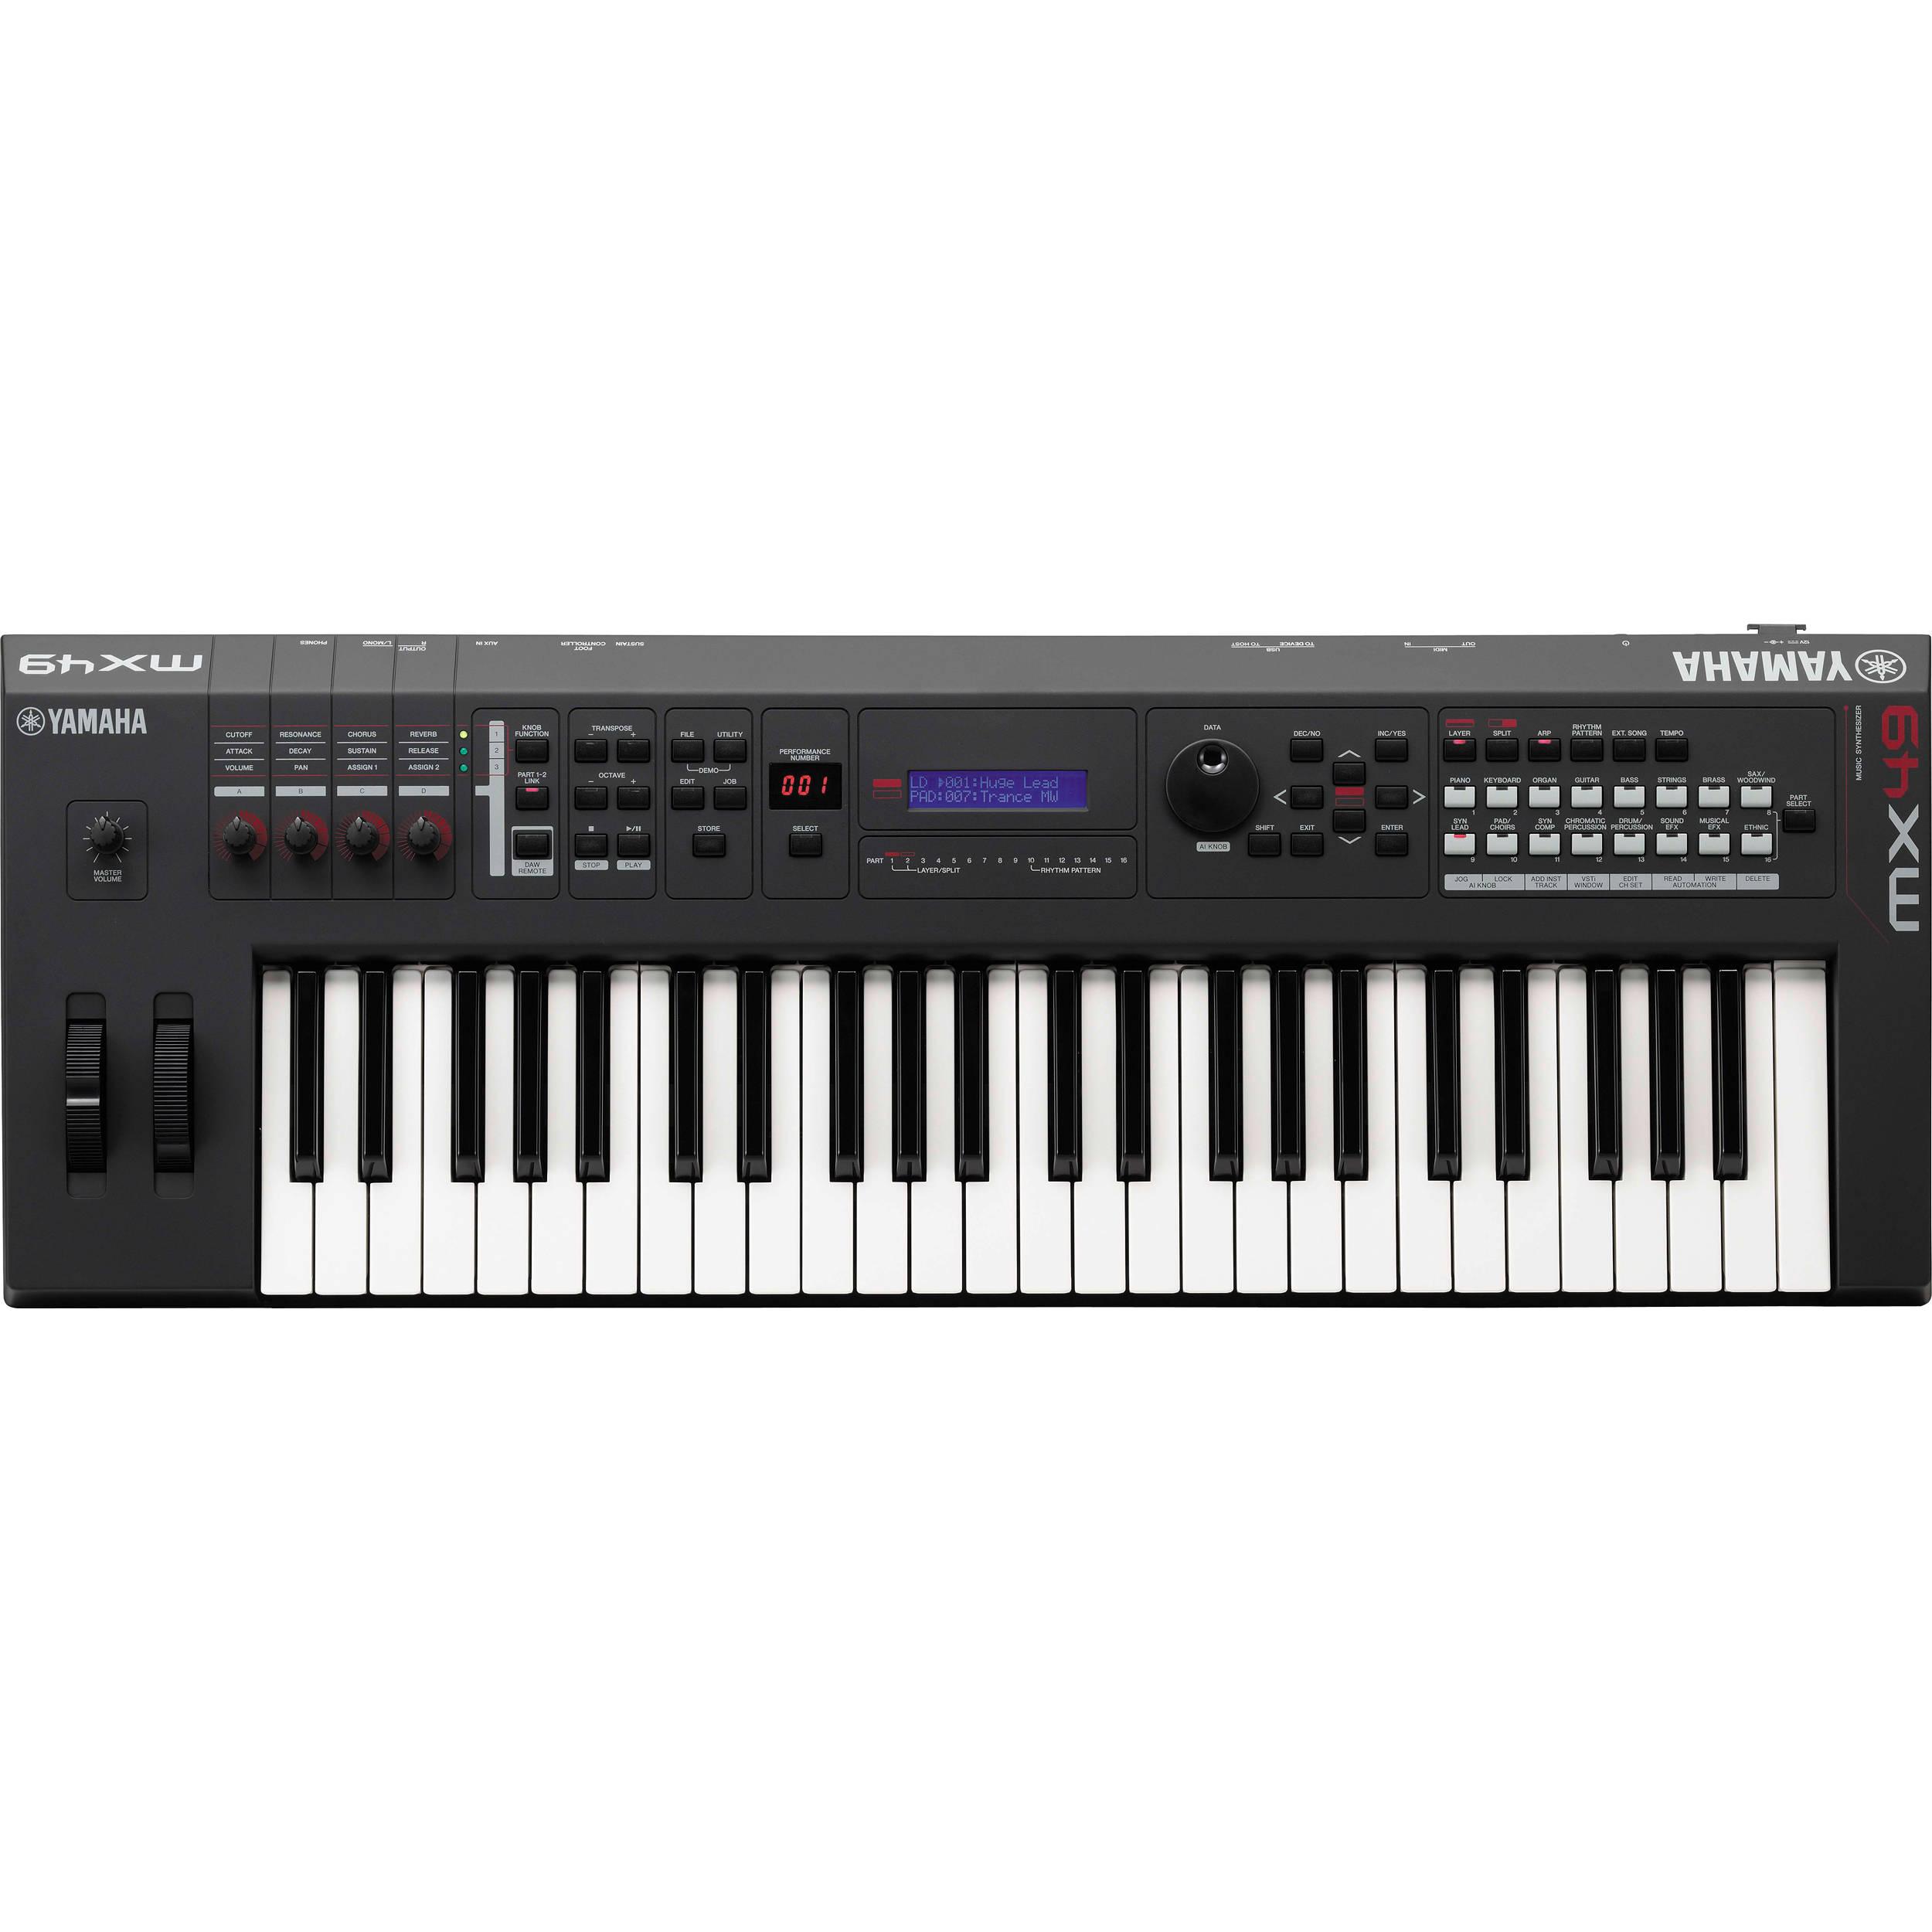 Yamaha mx49 49 key music production synthesizer mx49 b h photo for Yamaha warranty registration